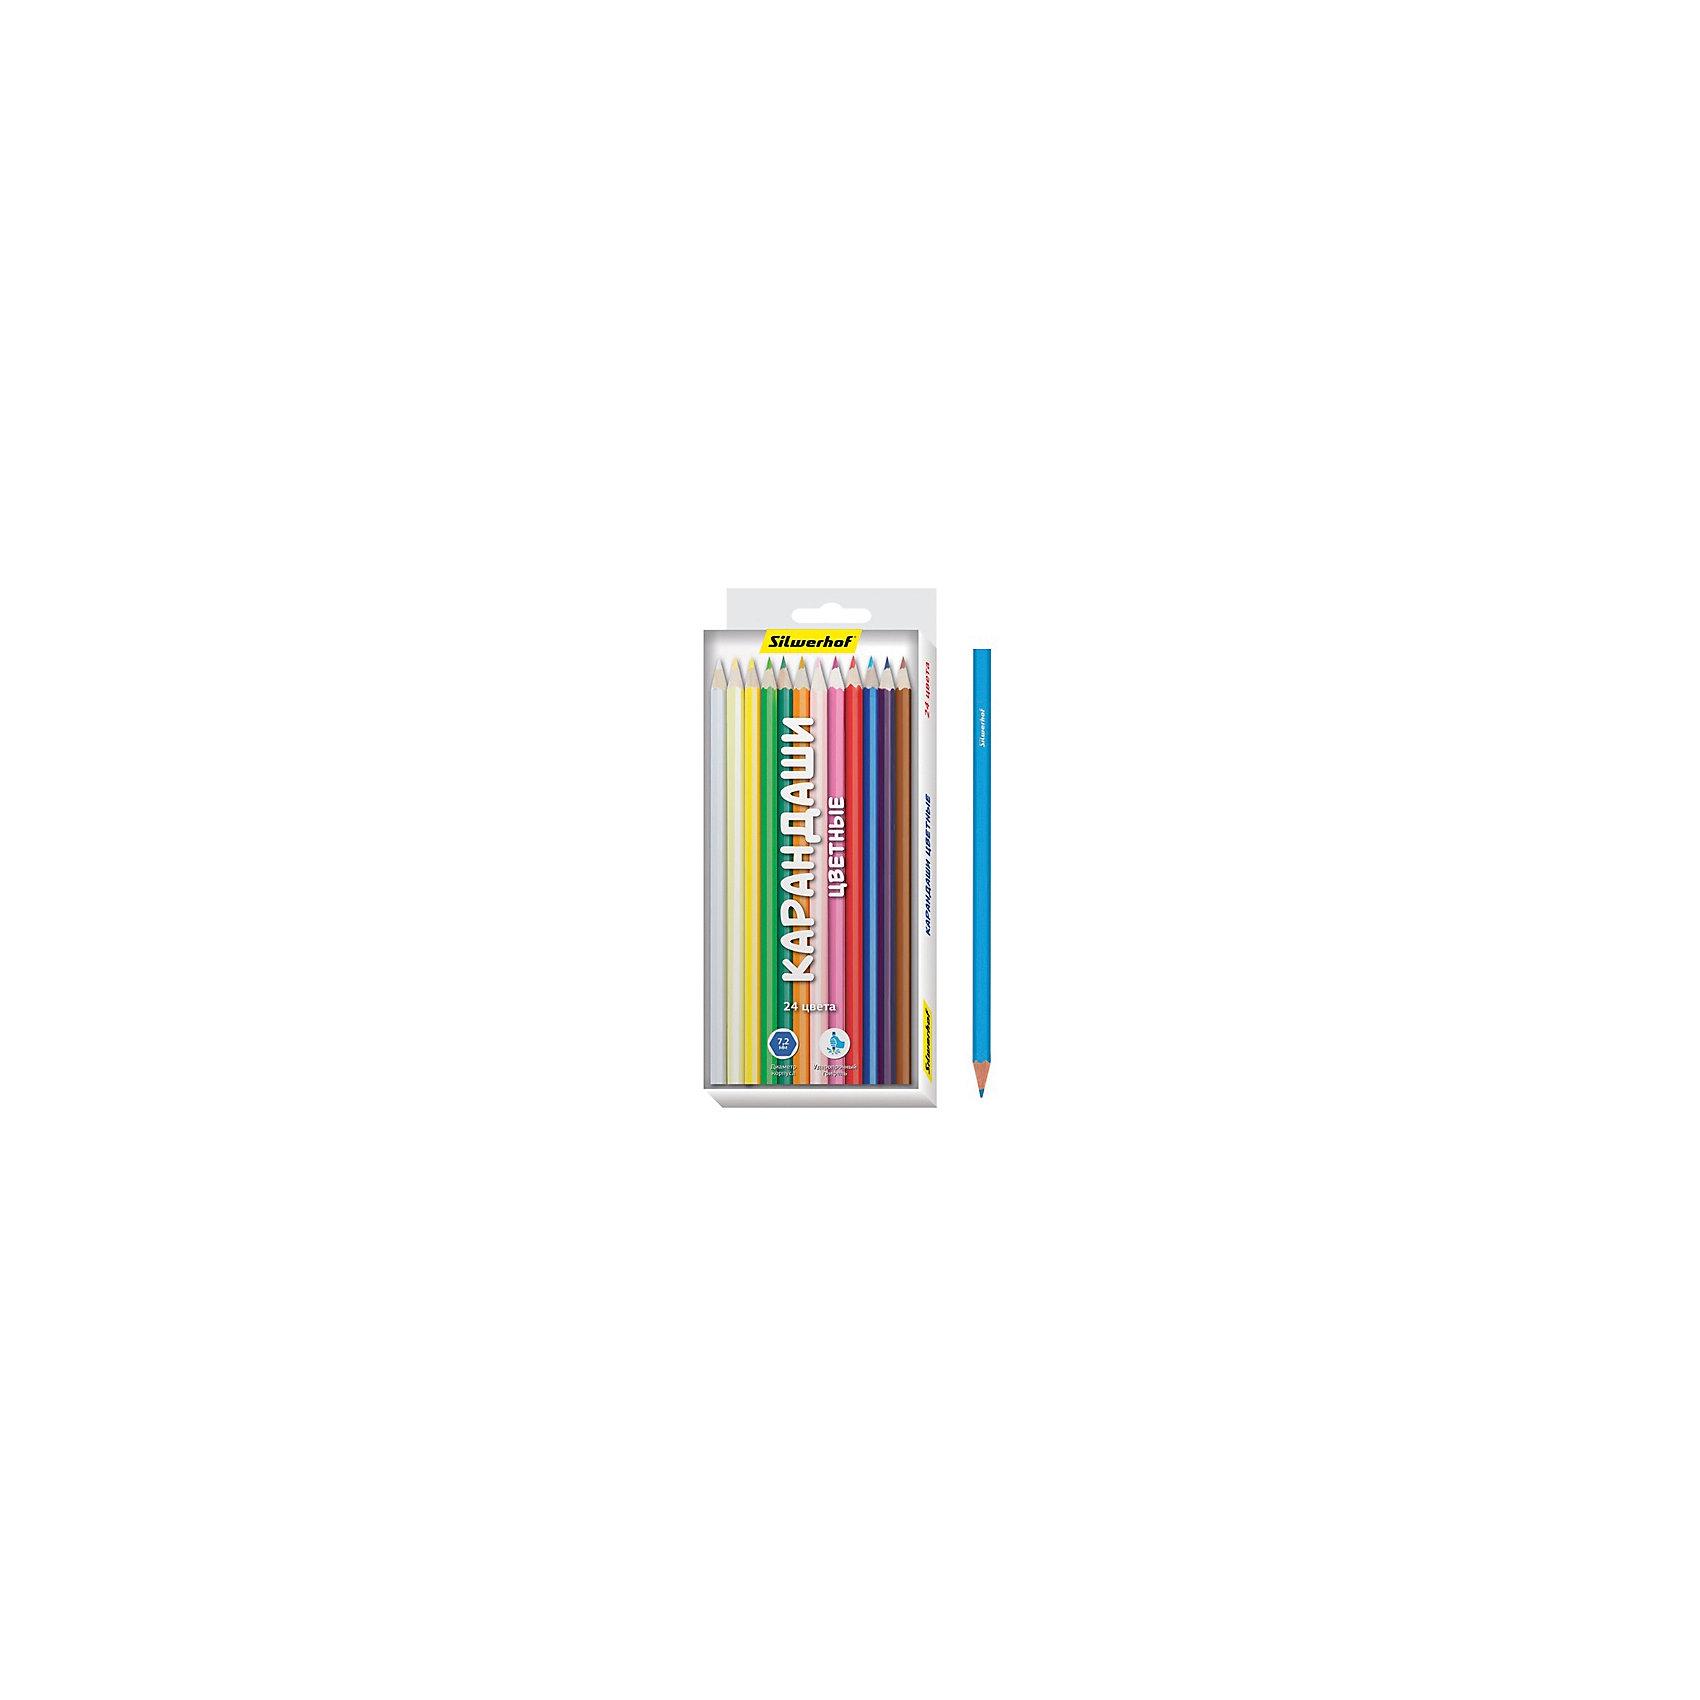 Набор карандашей, 24 цвета НАРОДНАЯ КОЛЛЕКЦИЯ, шестигранныеКарандаши цветные, 24цв., НАРОДНАЯ КОЛЛЕКЦИЯ, шестигранные, картонная коробка с европодвесом арт.134206-24 ед.изм.Набор<br><br>Ширина мм: 180<br>Глубина мм: 85<br>Высота мм: 10<br>Вес г: 132<br>Возраст от месяцев: 36<br>Возраст до месяцев: 144<br>Пол: Унисекс<br>Возраст: Детский<br>SKU: 5020493